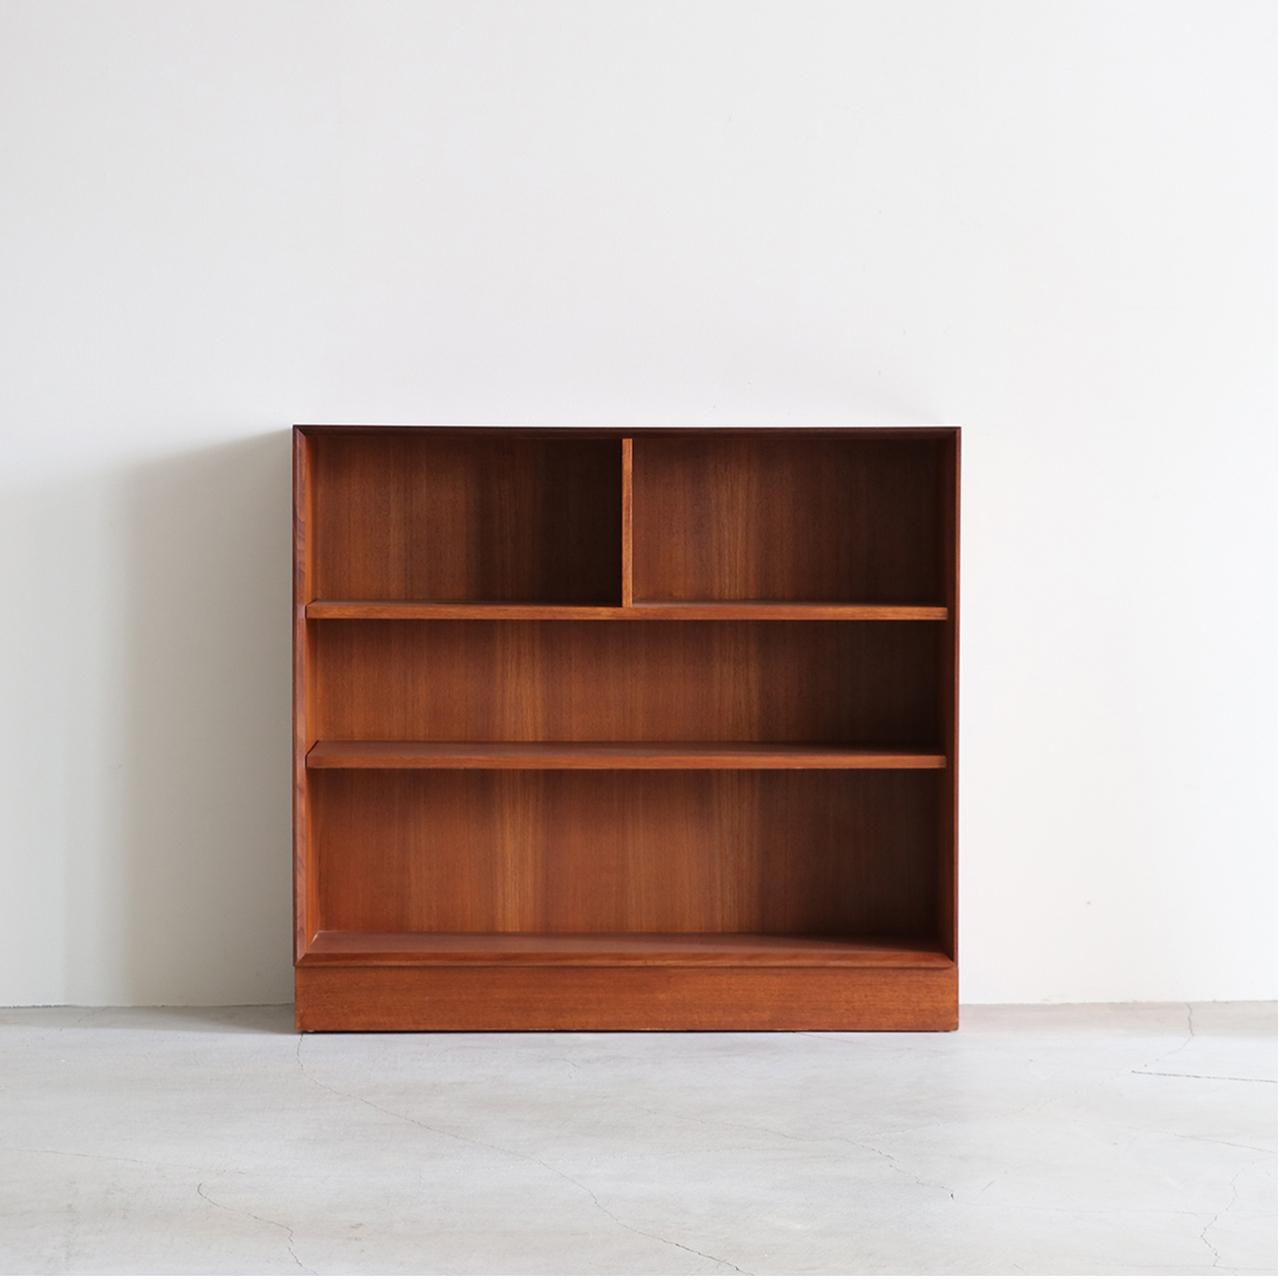 Book case / G-PLAN / Ib Kofod Larsen